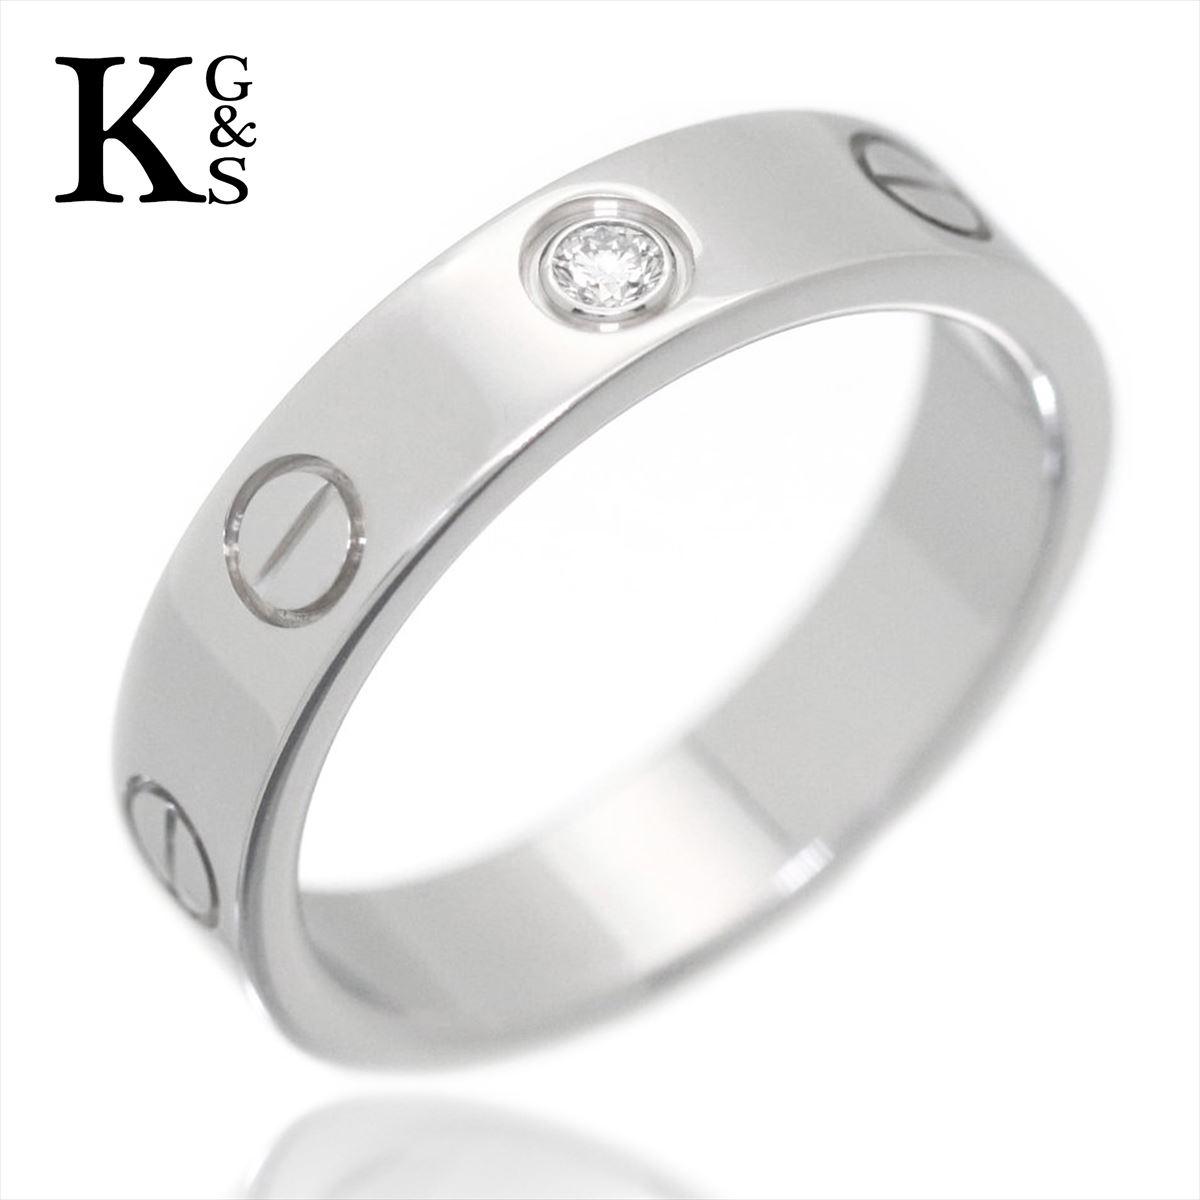 【ギフトランク】【4号-23号】カルティエ/Cartier / ジュエリー 指輪 LOVE ミニラブリング 1Pハーフダイヤ K18WG ホワイトゴールド レディースサイズ